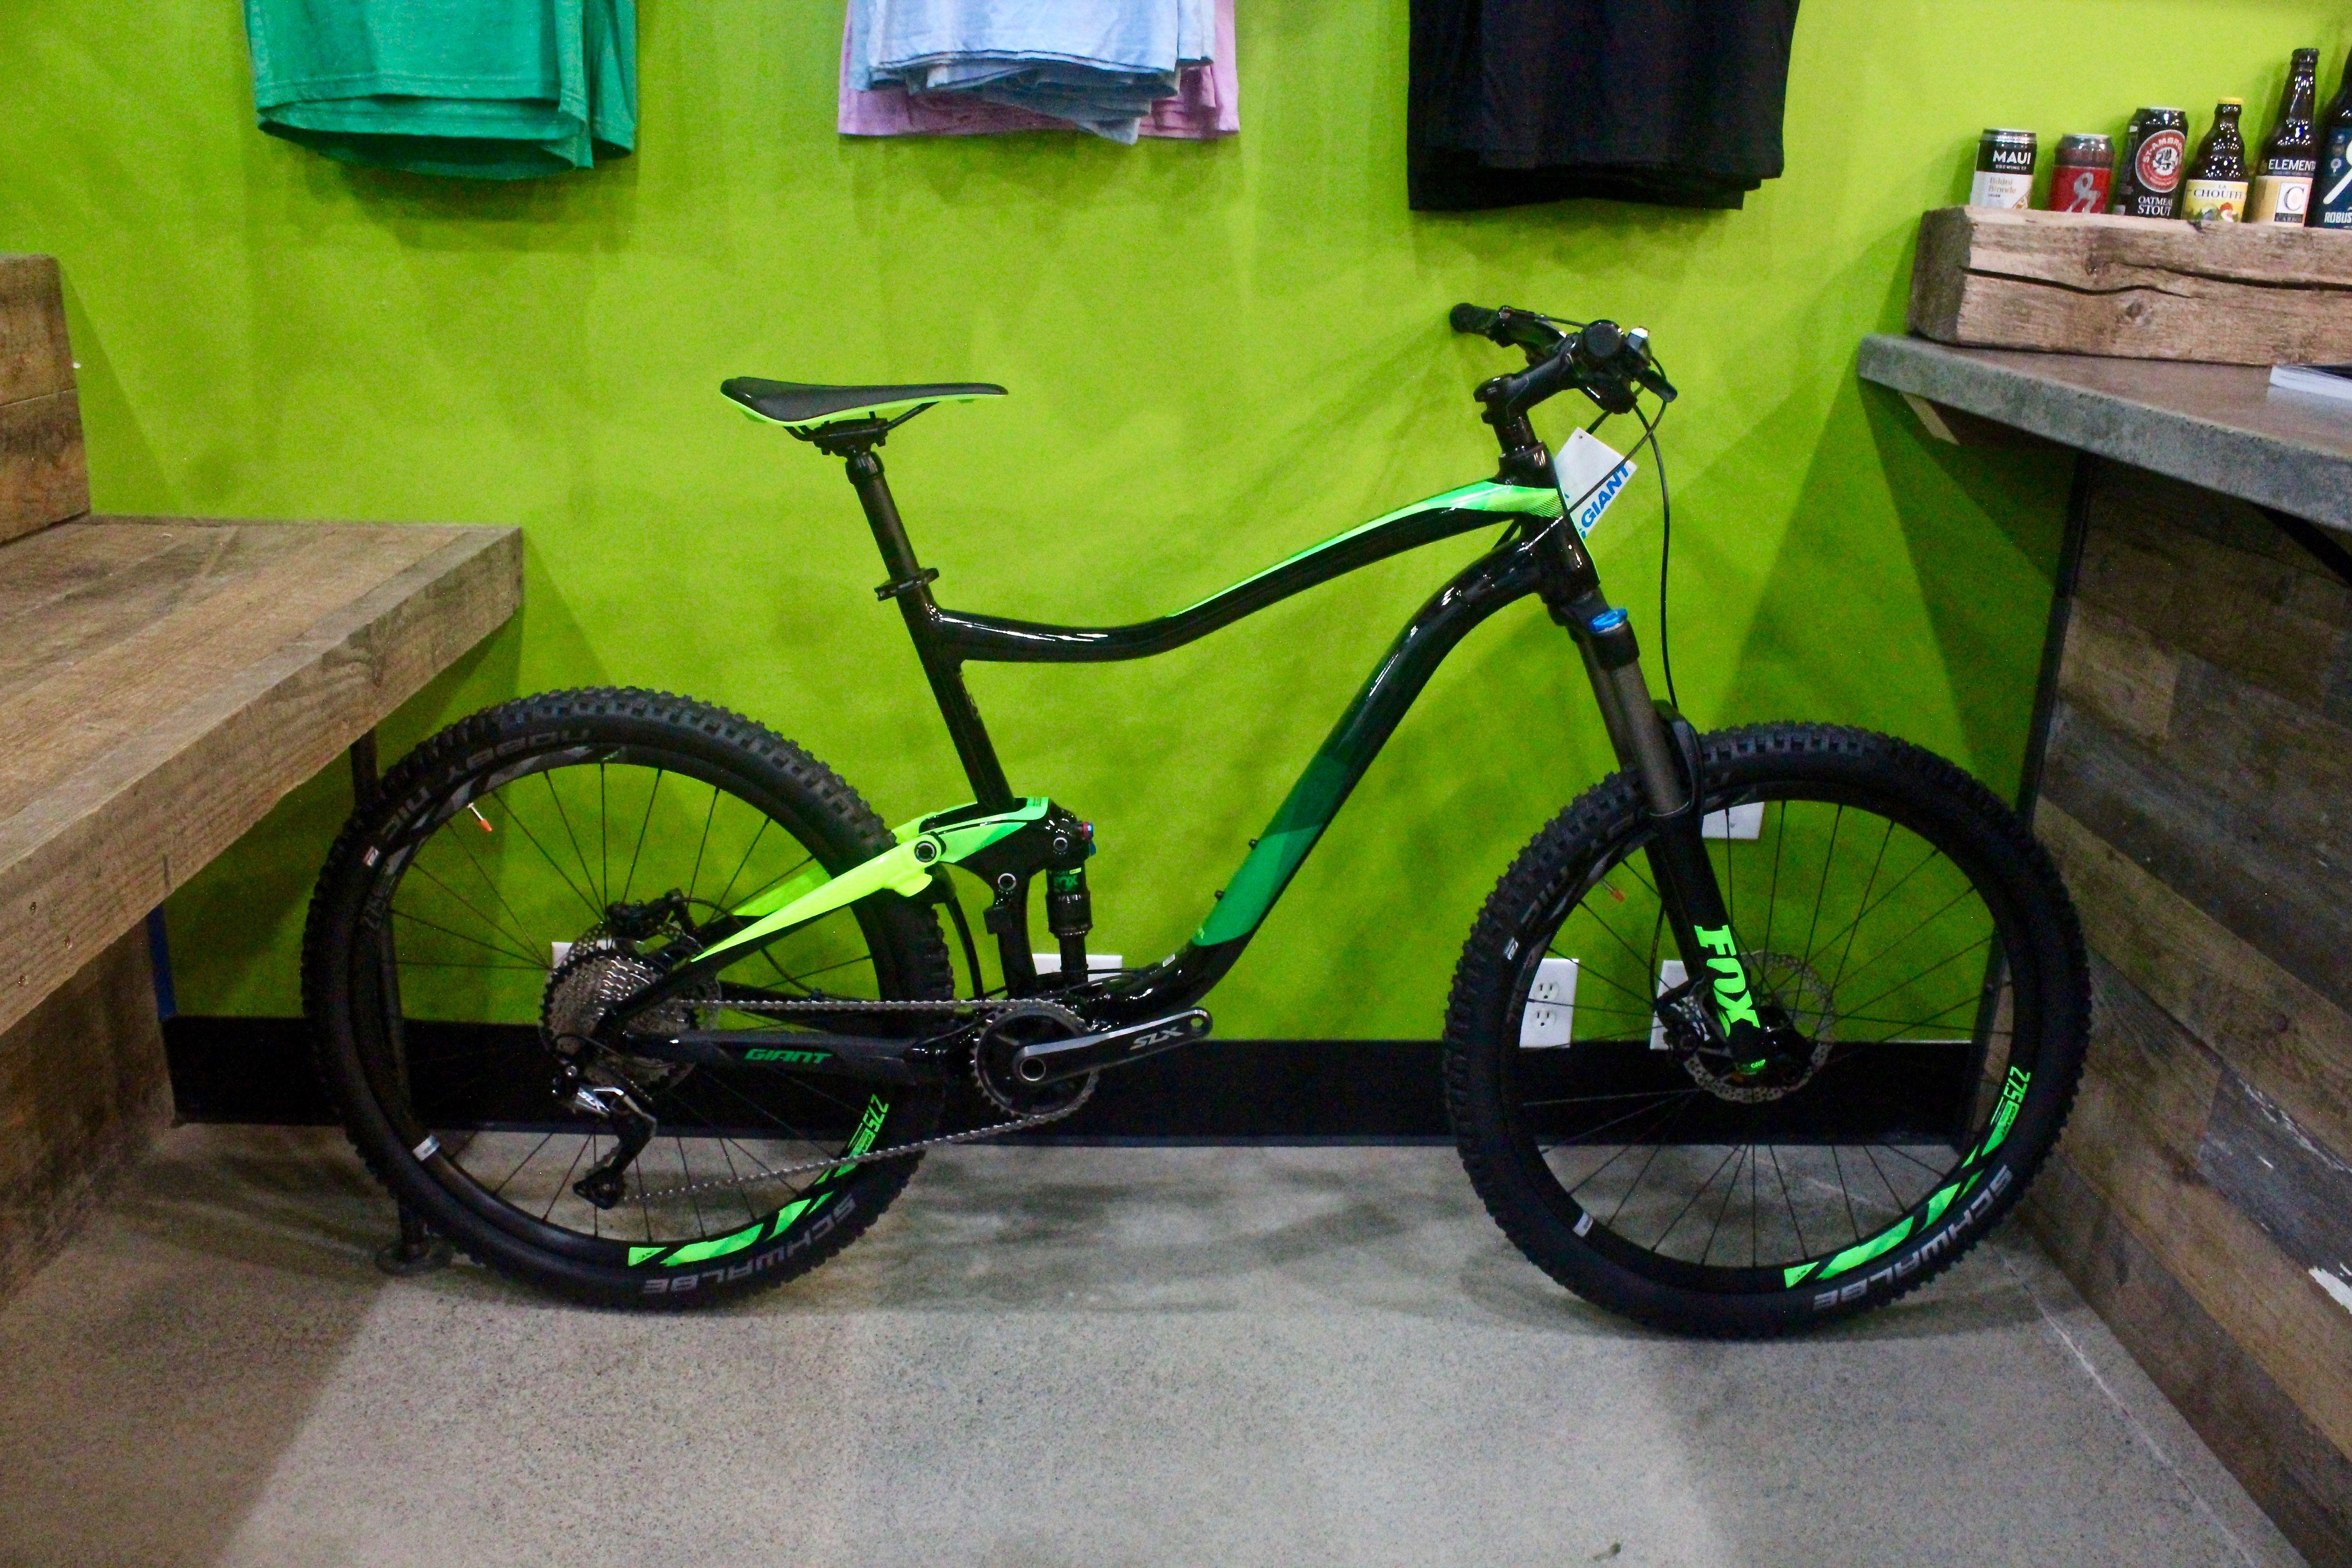 Giant Trance 2 Green Black Mens Mountain Bikes Size L Xl